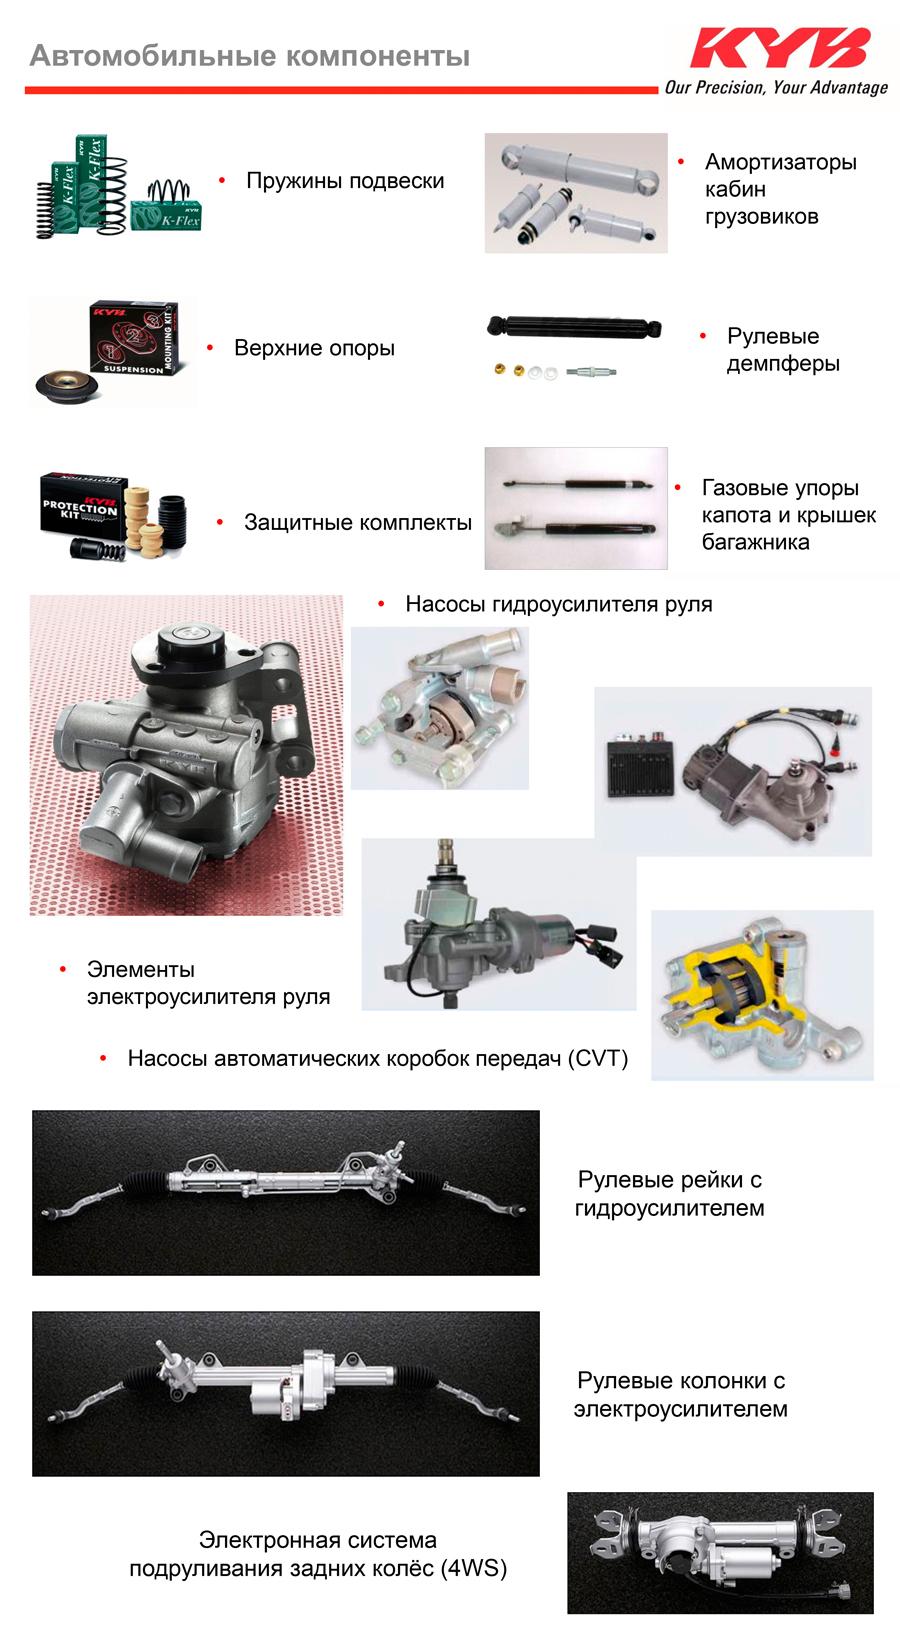 авто-компоненты